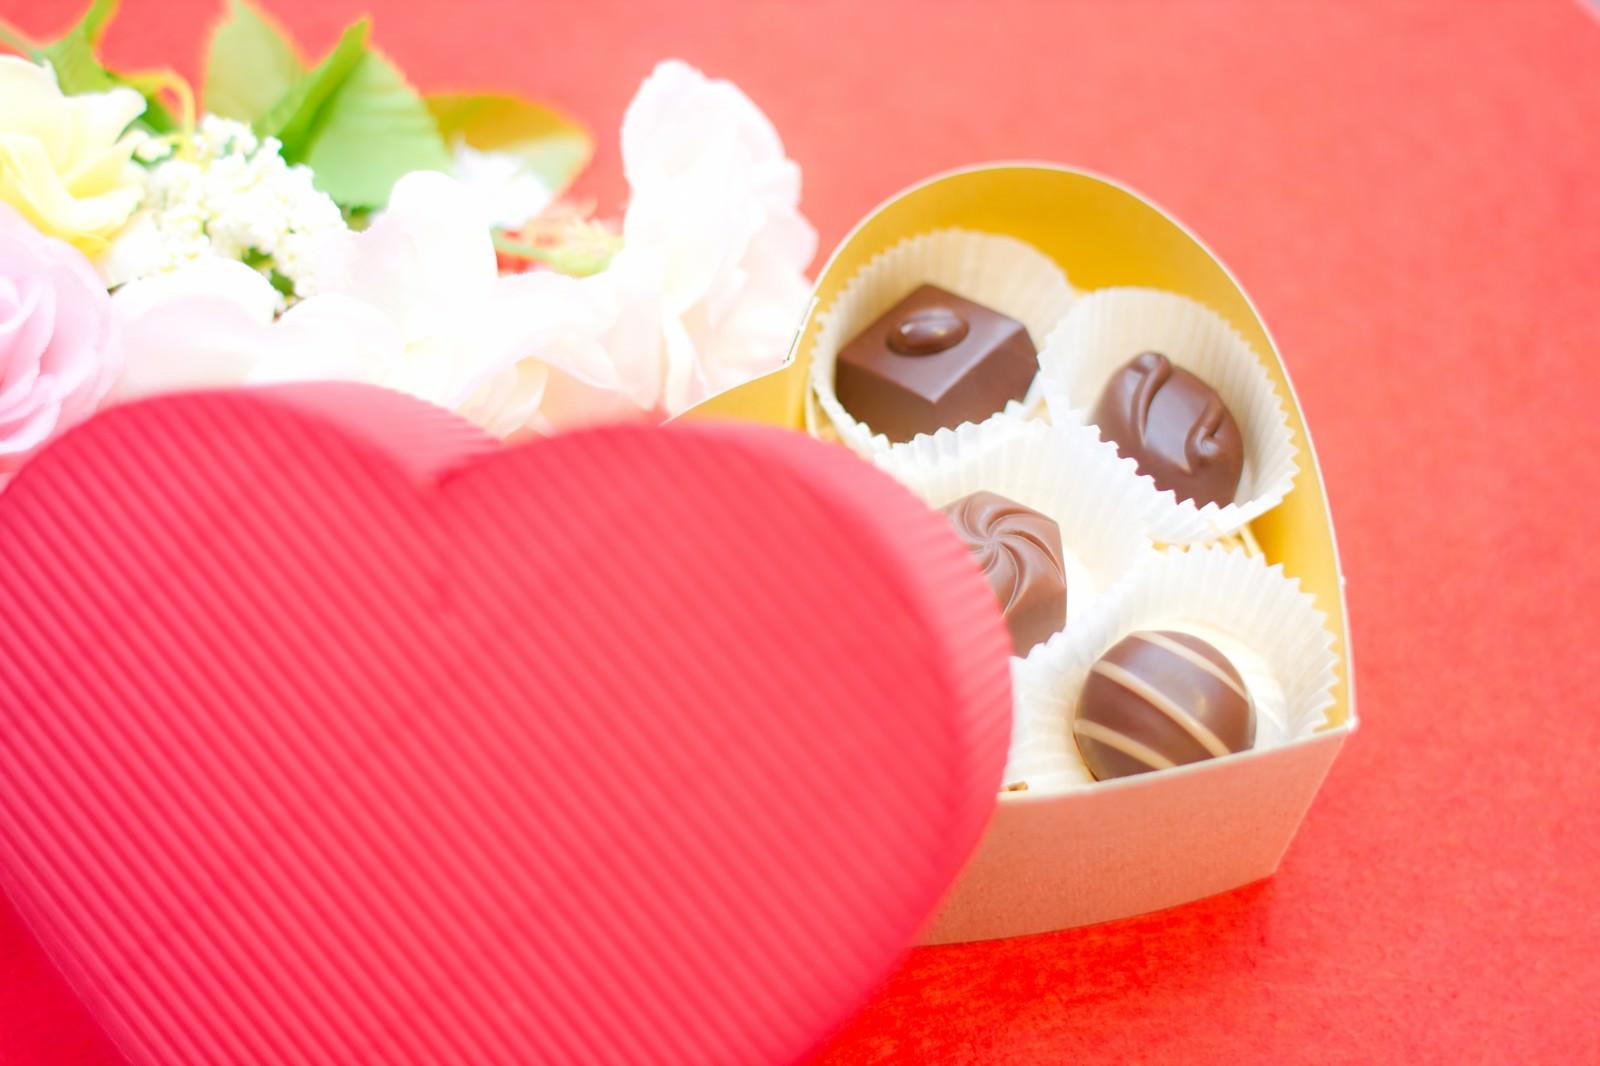 「ハート型の箱に入ったチョコレート」の写真